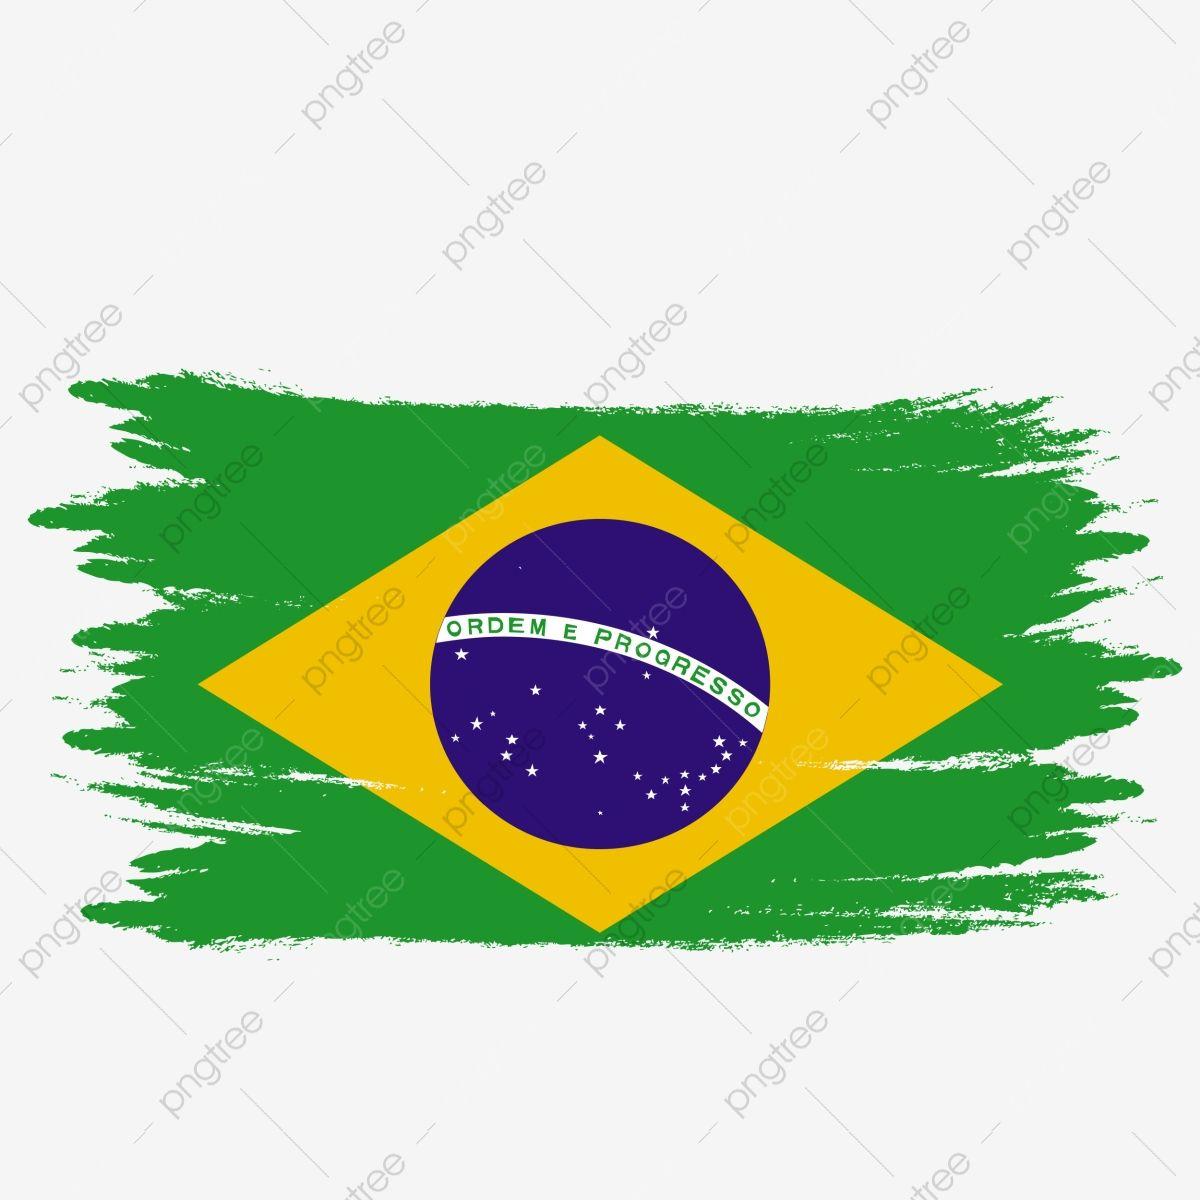 Brasil Bandeira Transparente Aquarela Pintada Escova Brasil Brasil Bandeira Vetor Bandeira Do Brasil Imagem Png E Psd Para Download Gratuito Bandeira Do Brasil Aquarela Bandeira Do Brasil Png